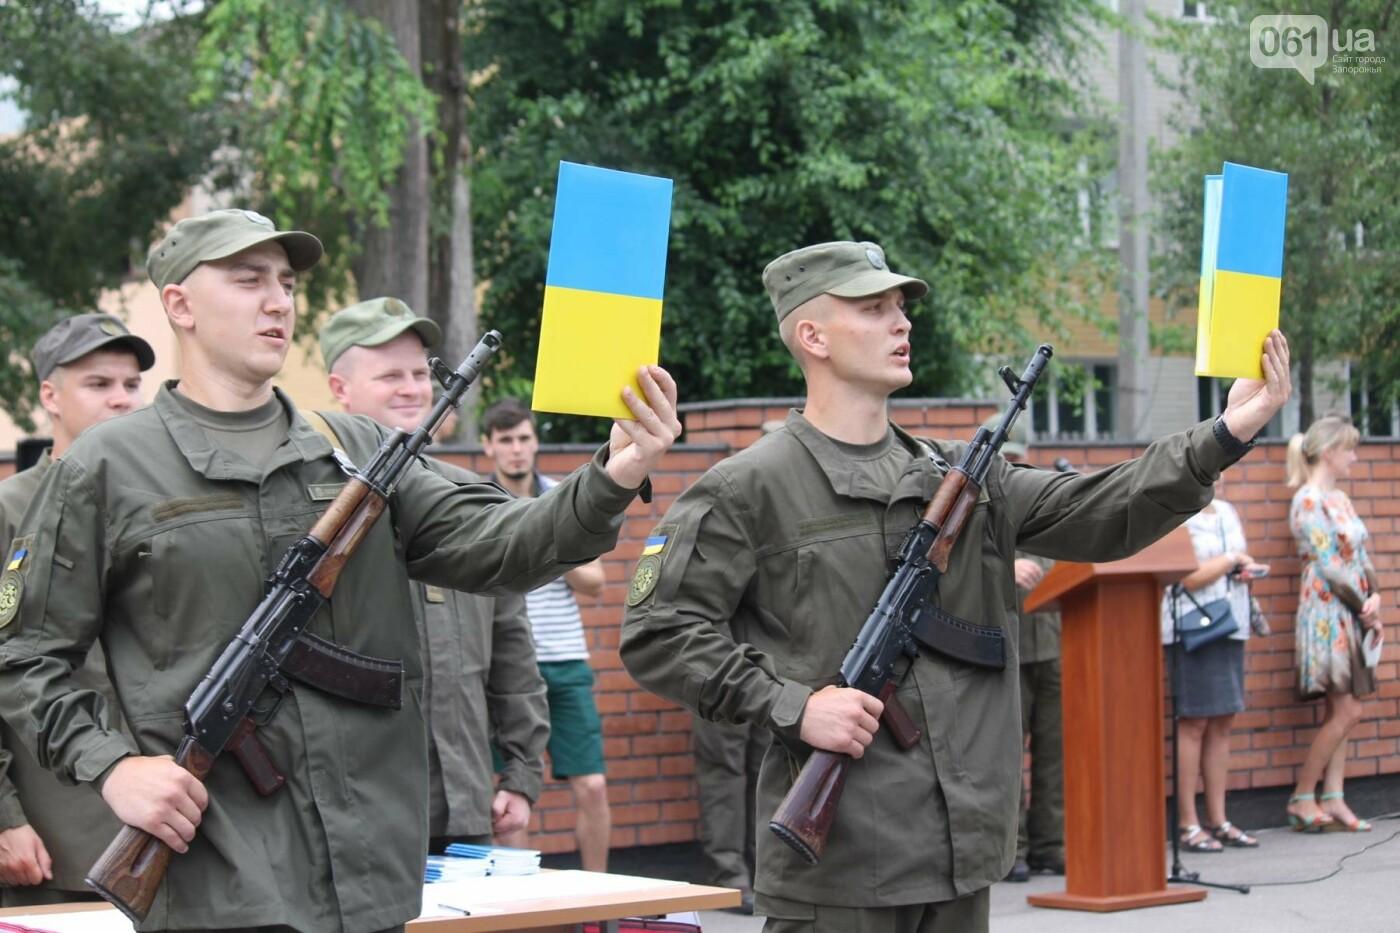 В Запорожье новобранцы Нацгвардии приняли присягу на верность Украине, – ФОТОРЕПОРТАЖ, фото-16